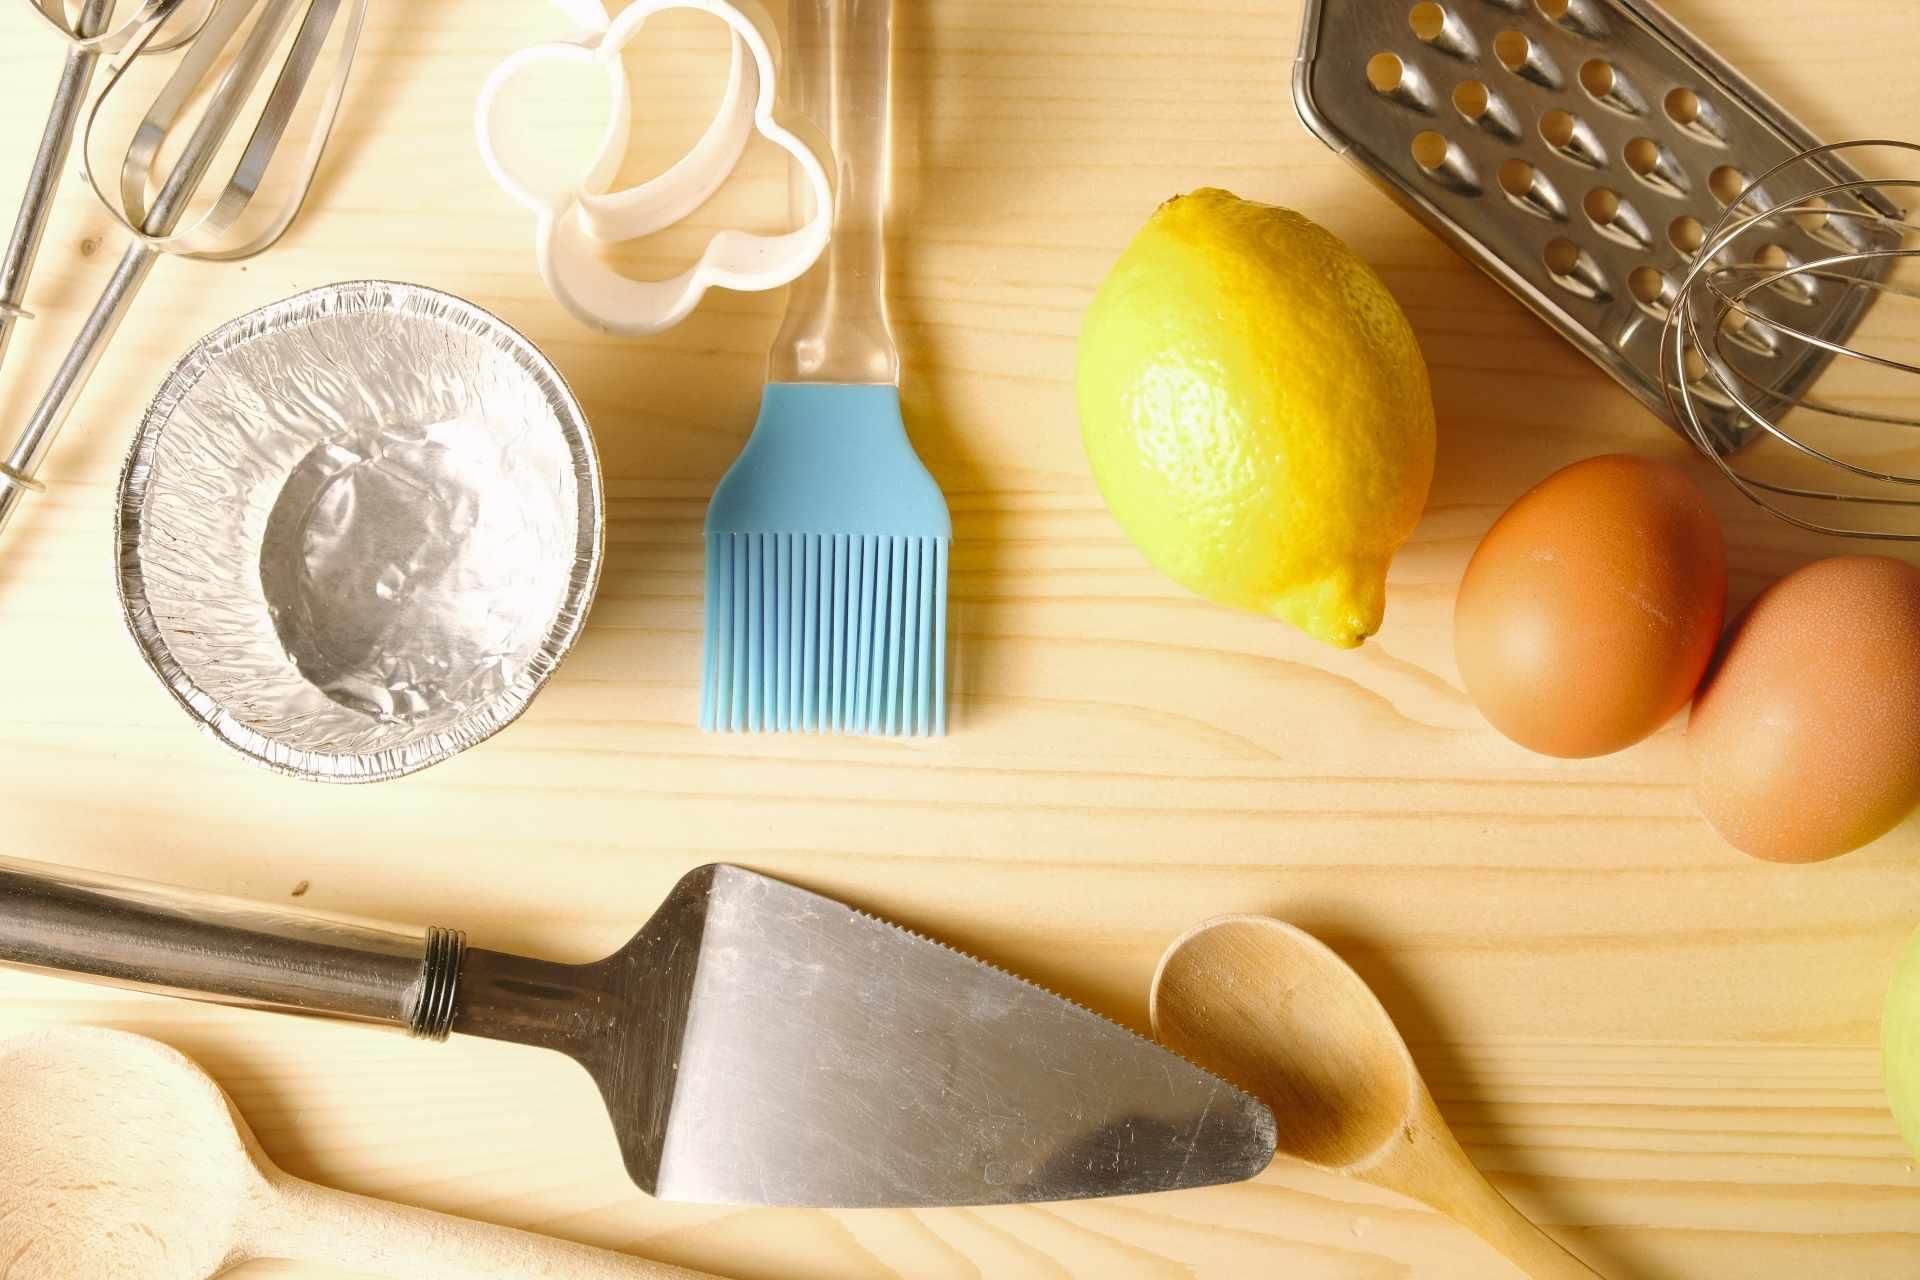 【パン作りの道具】パンを作る際に便利な道具と使い方に関する記事一覧